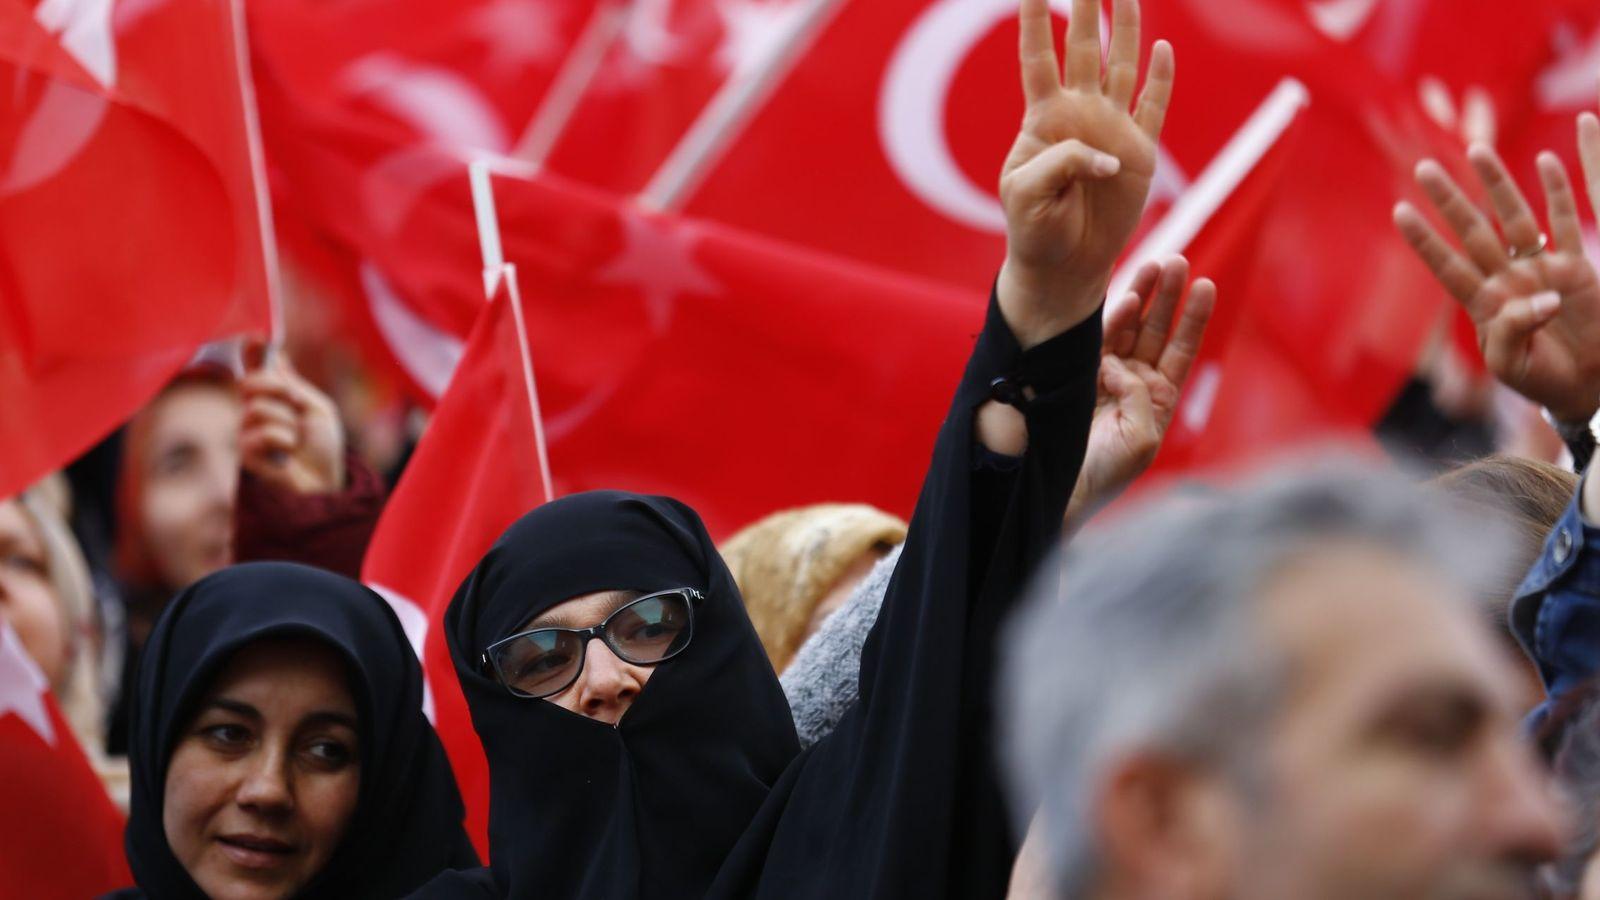 Foto: Seguidores del presidente turco celebran su victoria. (Reuters)